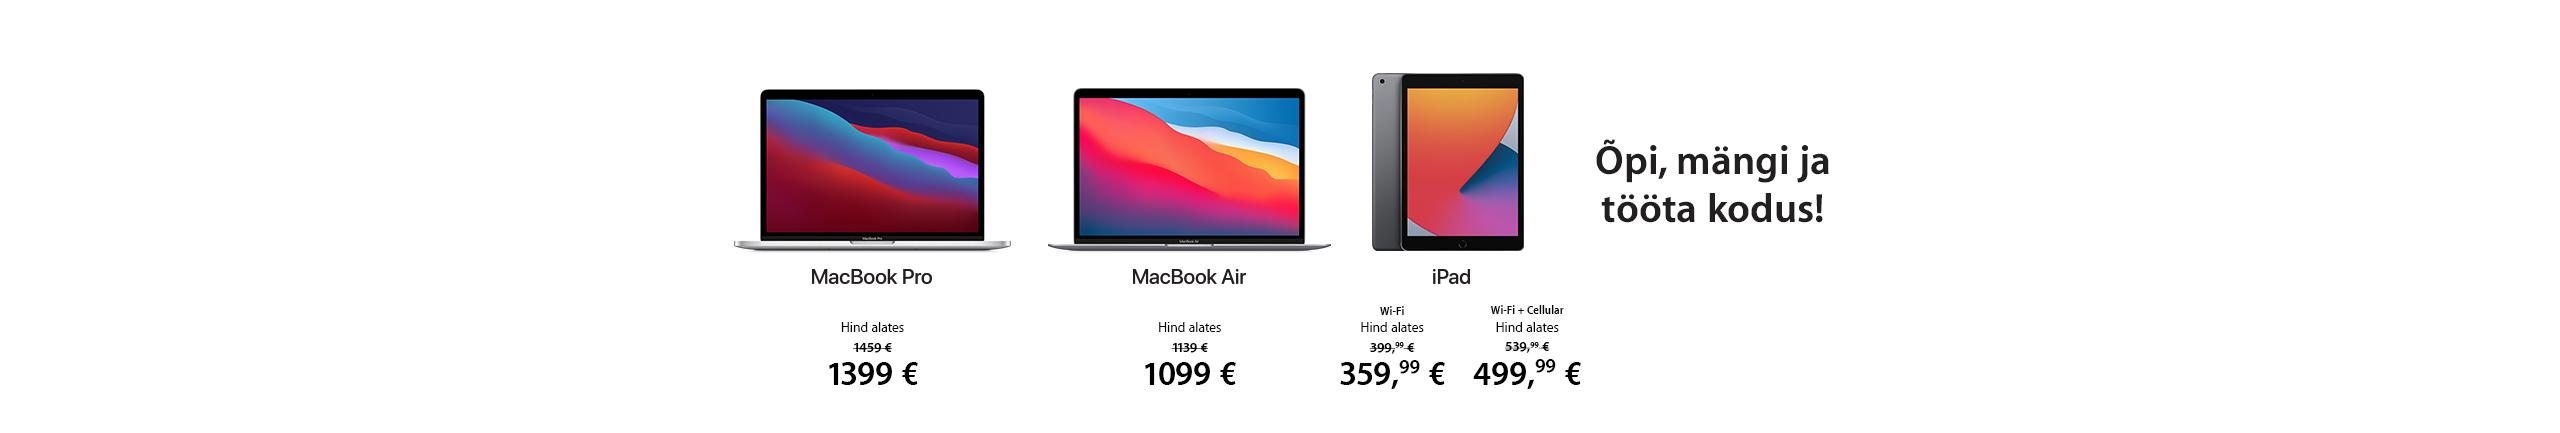 FPS Apple MacBook'i ja iPadi eripakkumised